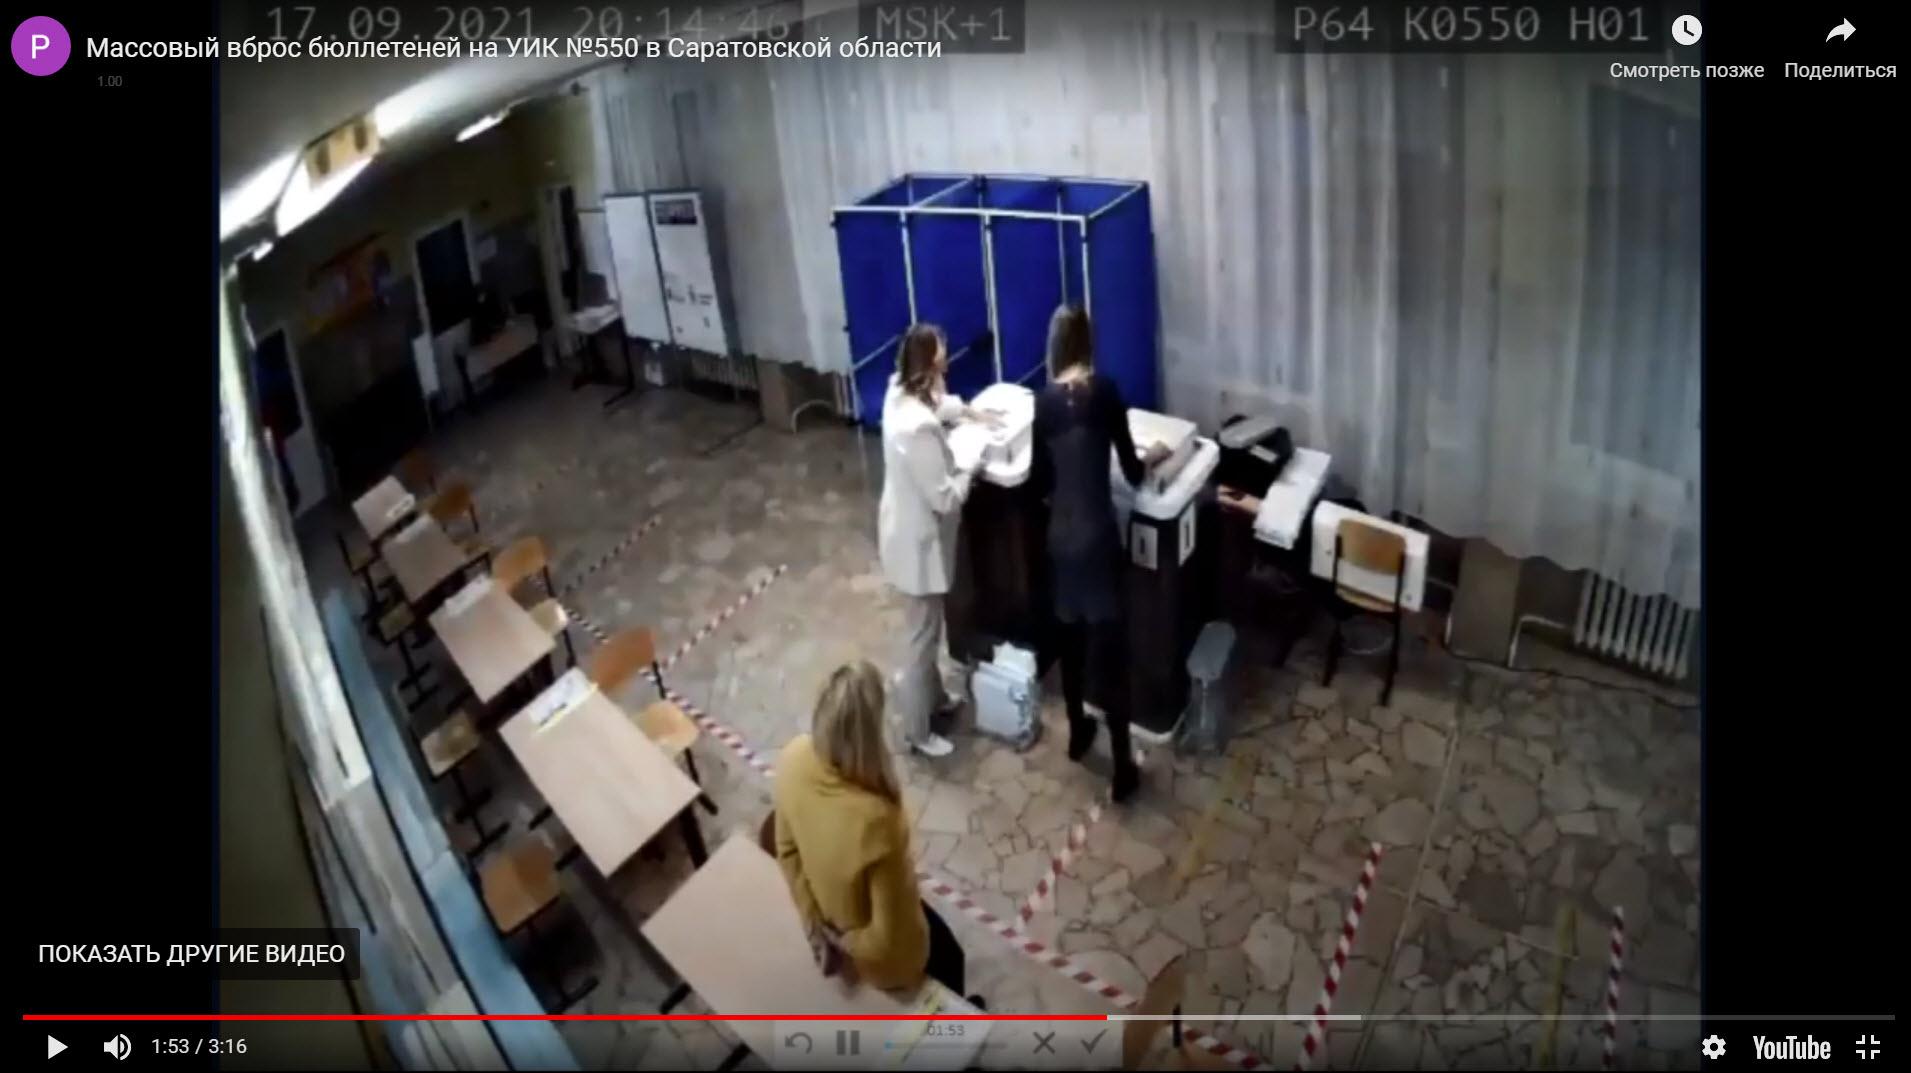 Саратовская область. Камеры зафиксировали уголовное преступление на УИК №550